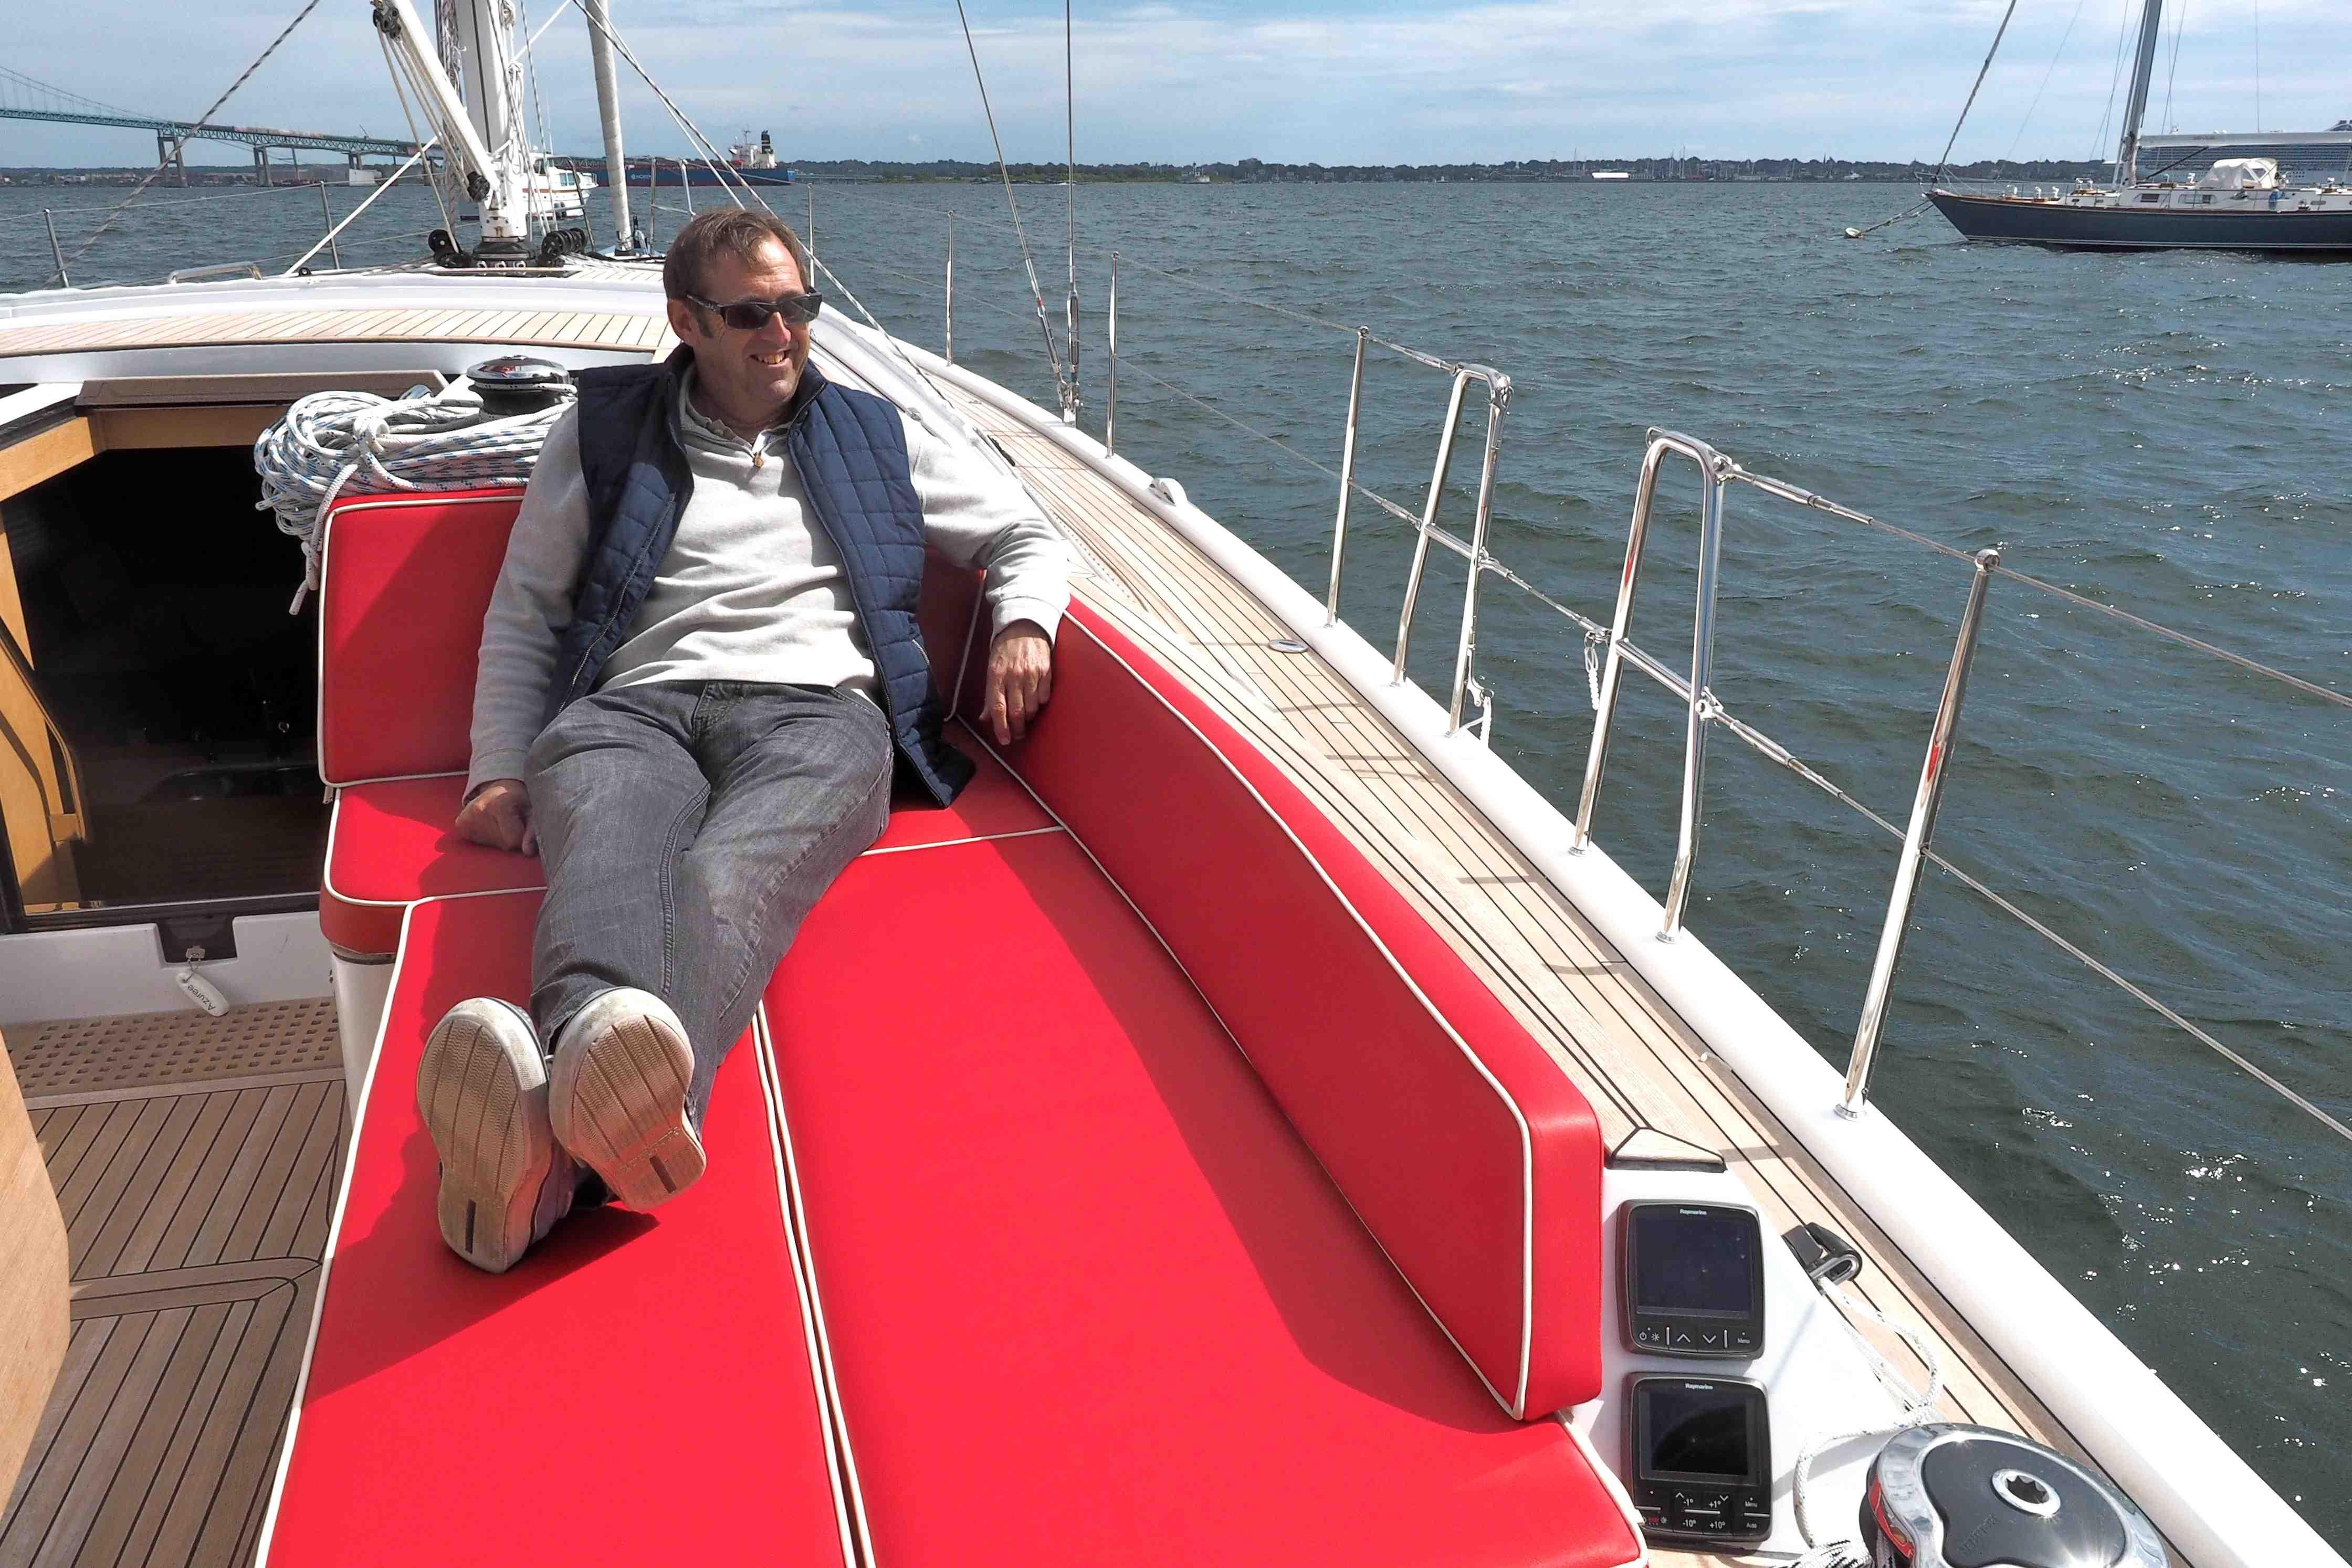 Cockpit-Lounge: Mit wenigen Handgriffen verwandeln sich die Sitzduchten in gepolsterte Sonnenliegen, ideal fürs faule Lümmeln am Anker. Foto: Dieter Loibner